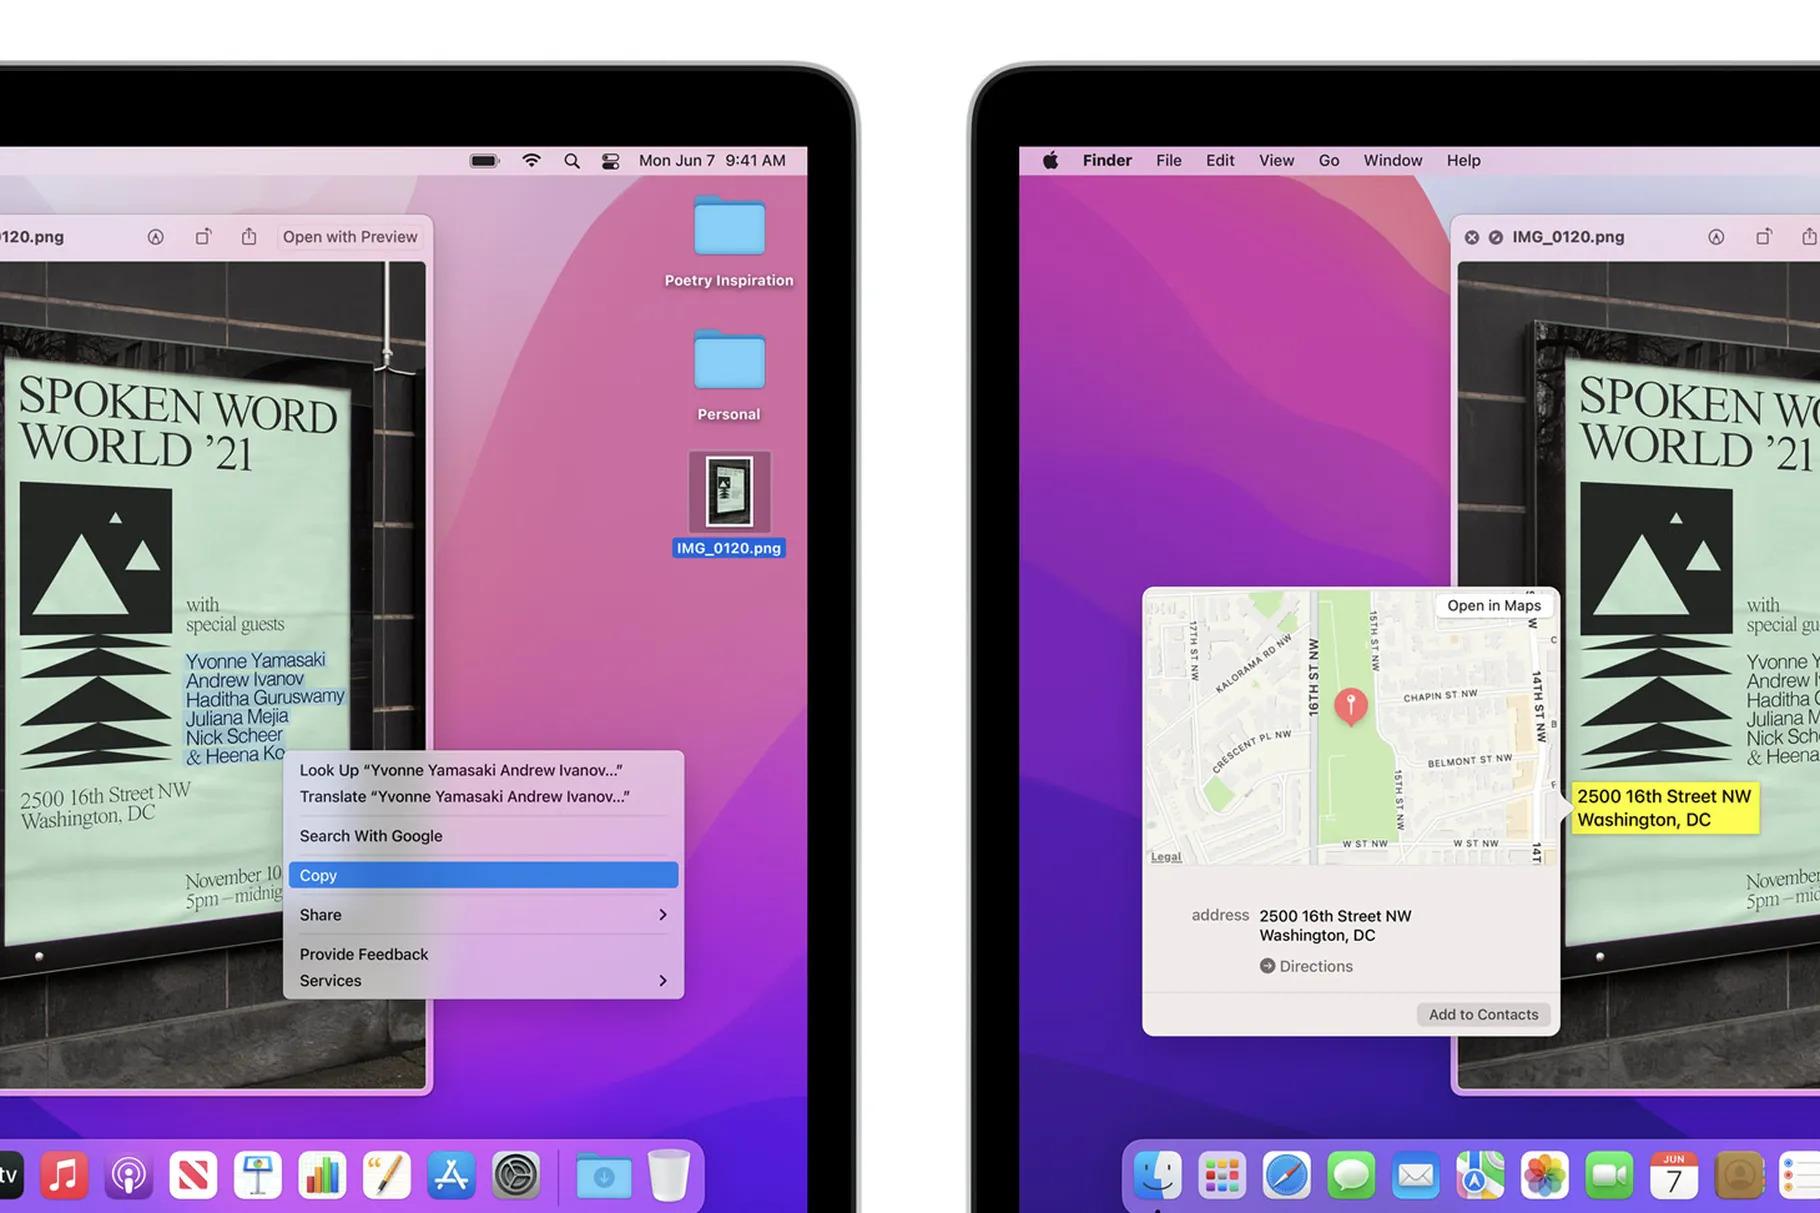 Mac-datorer med Intel processor kan nu skanna text i bilder Nya funktionen i Bilder-appen inte längre M1-exklusiv